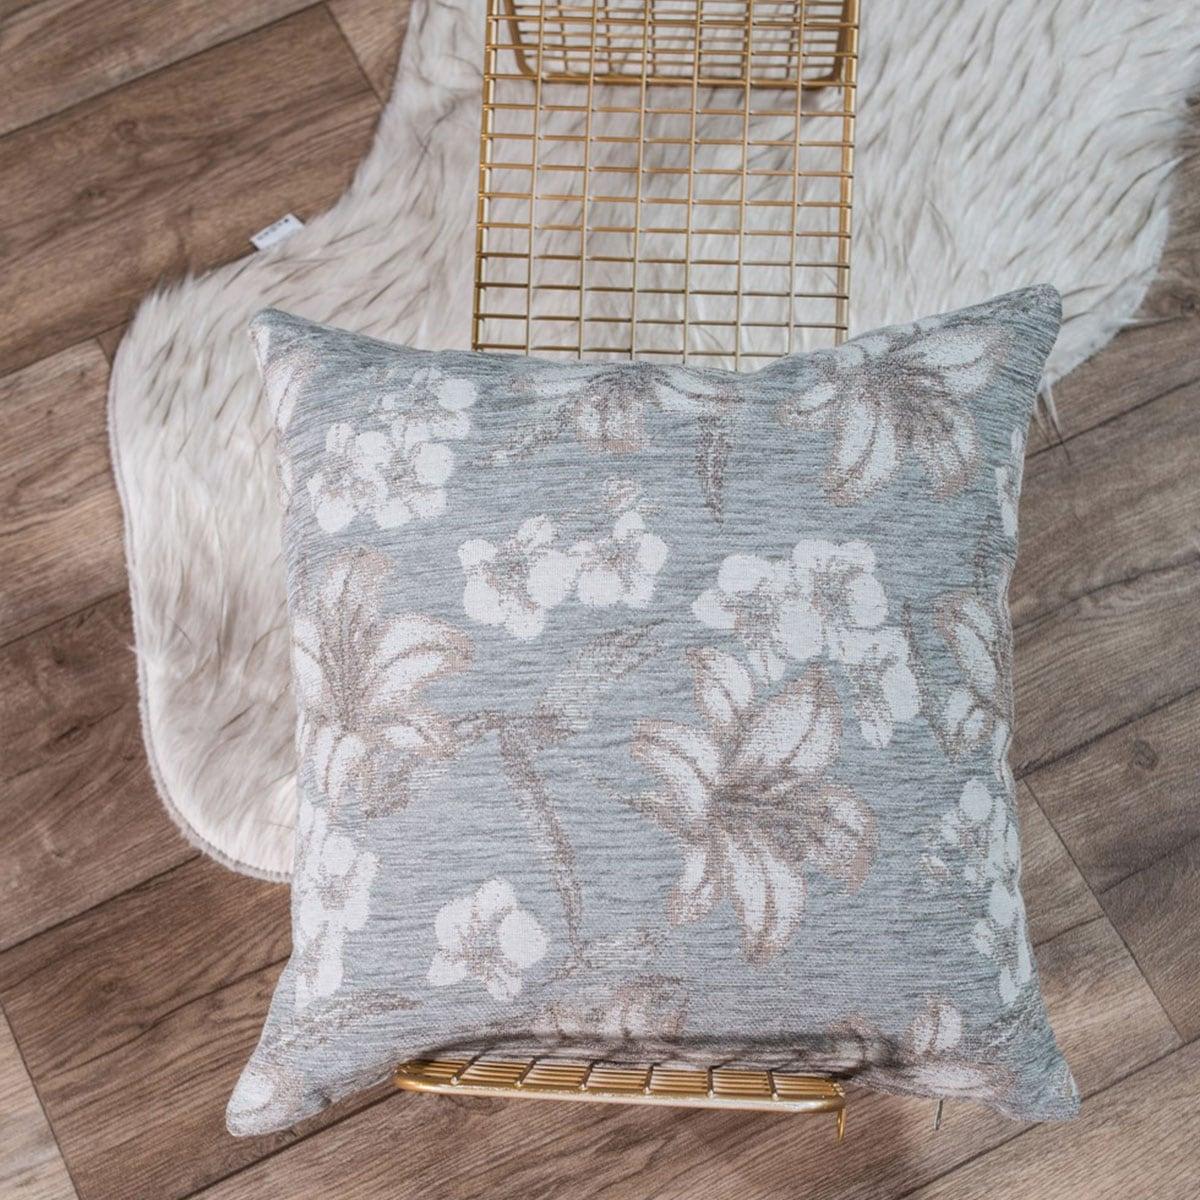 Μαξιλάρι Διακοσμητικό (Με Γέμιση) Louisiana 11 Light Grey Teoran 45X45 Ακρυλικό-Polyester